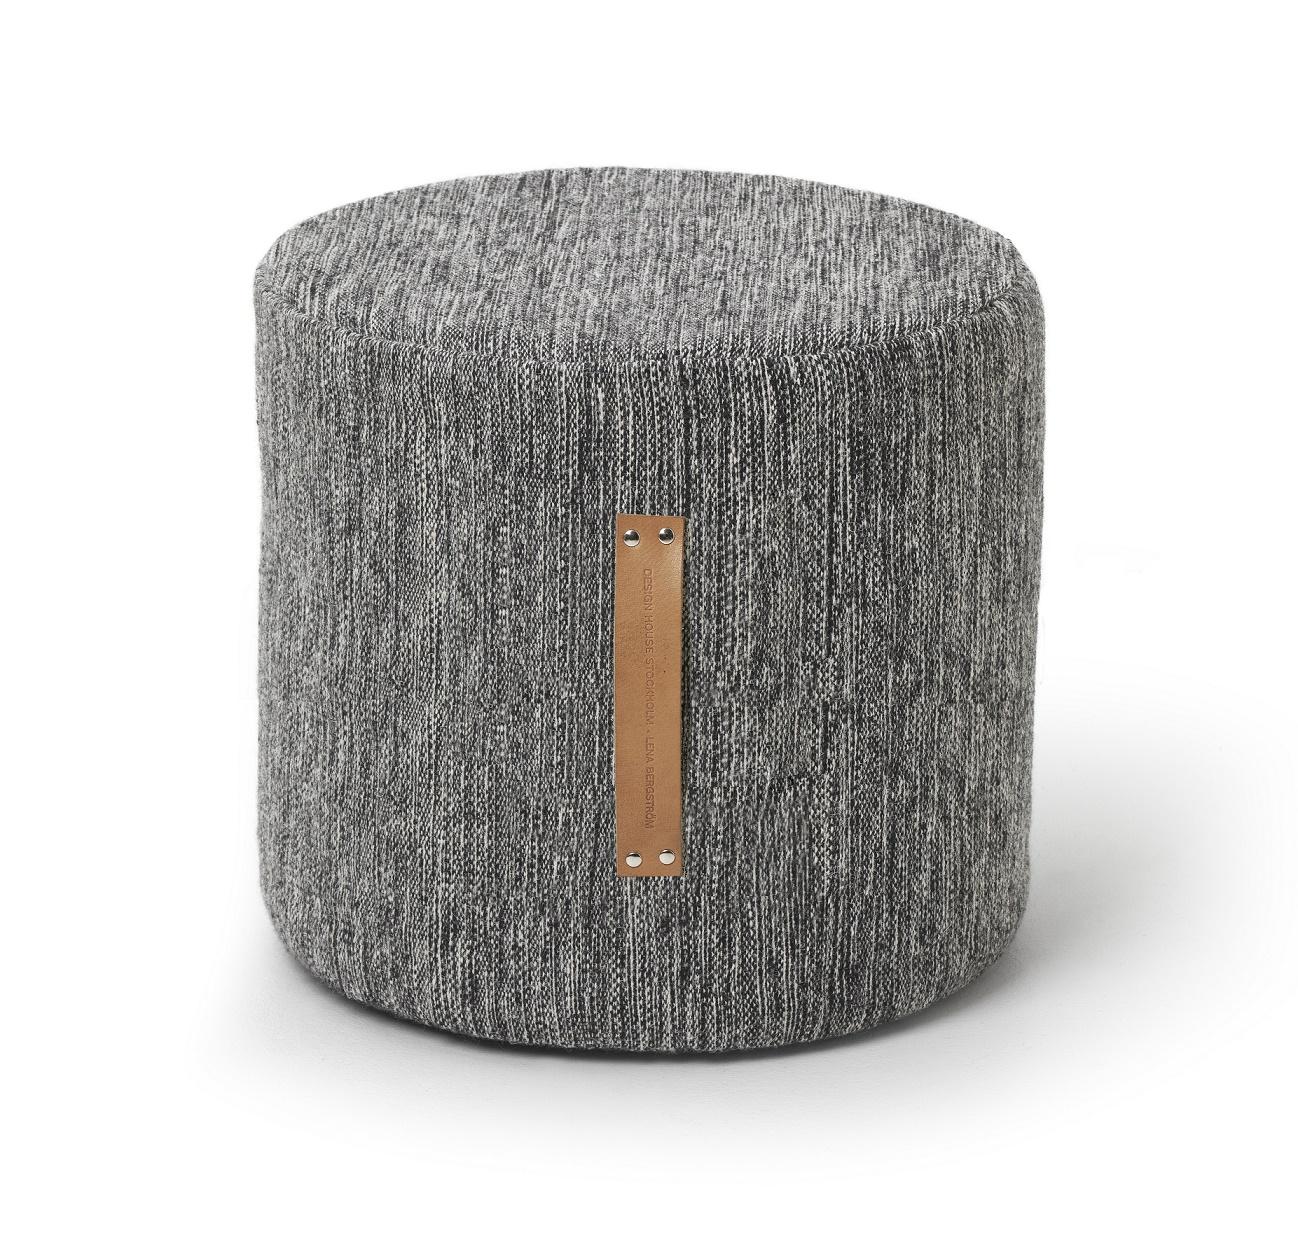 design house stockholm pouf stool high bjork dark grey. Black Bedroom Furniture Sets. Home Design Ideas